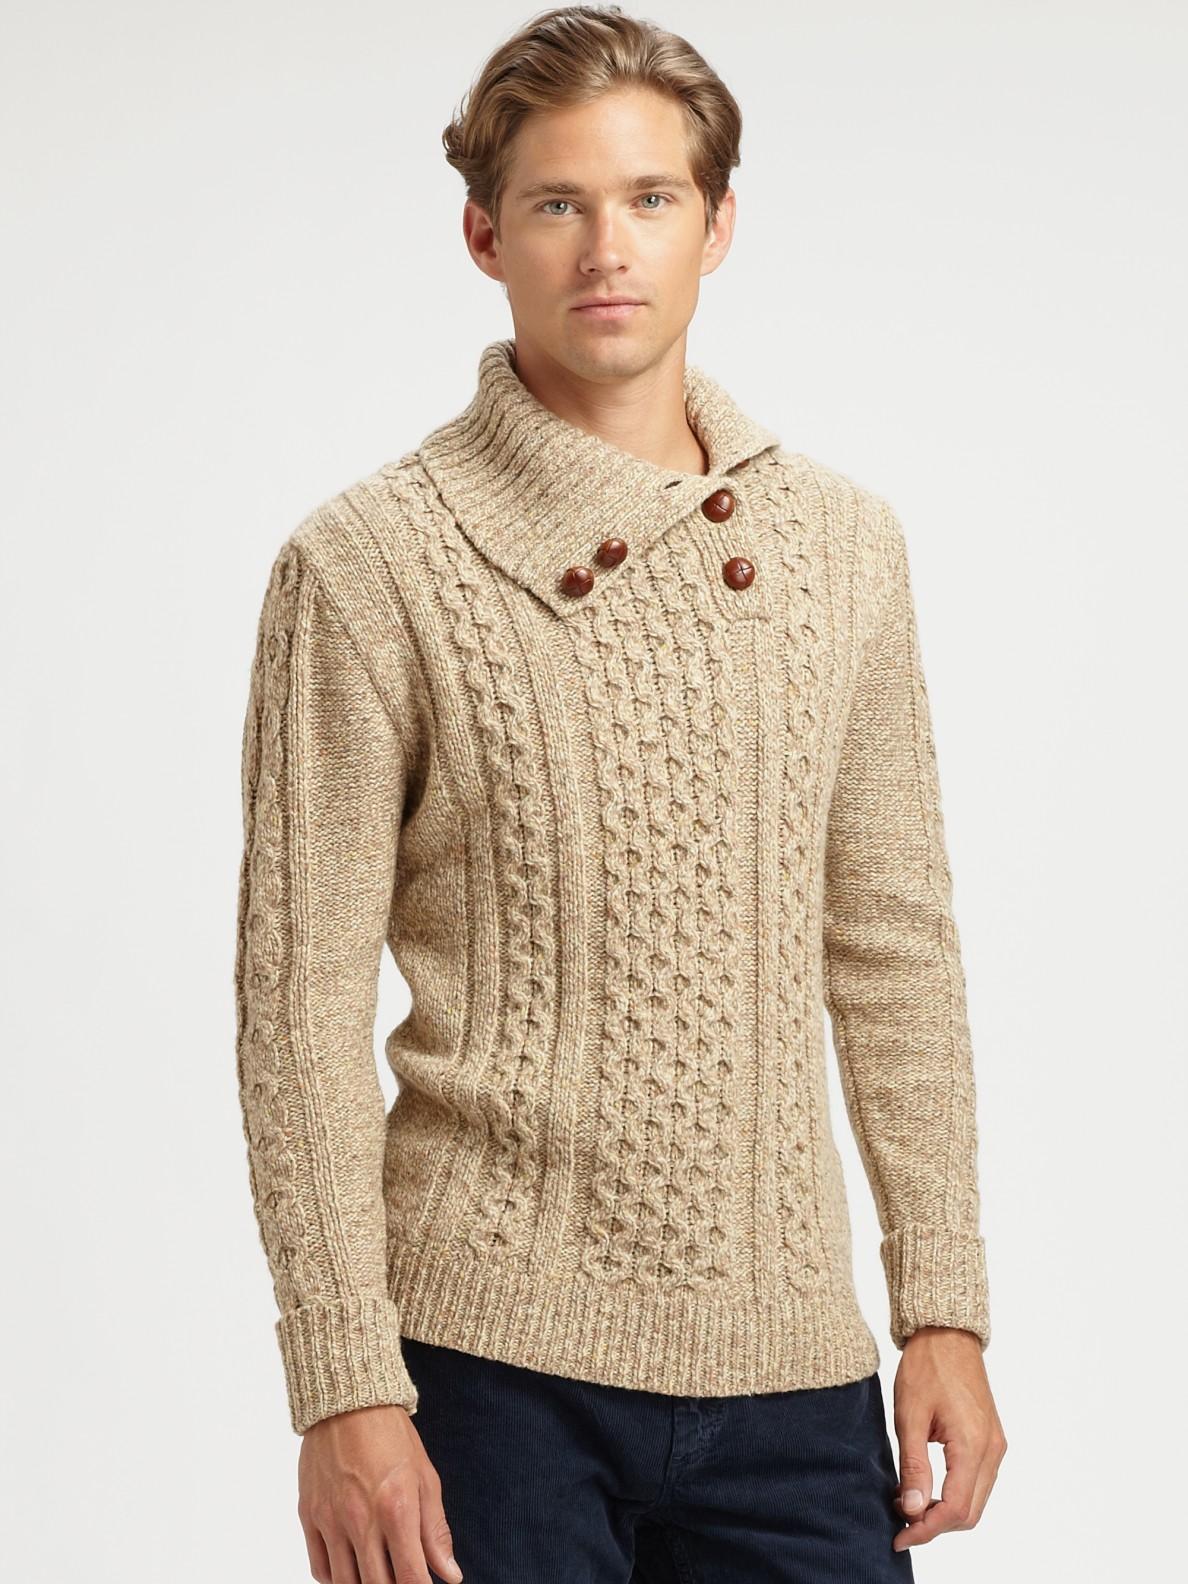 Gant rugger Buttonroller Turtleneck Sweater in Natural for Men | Lyst